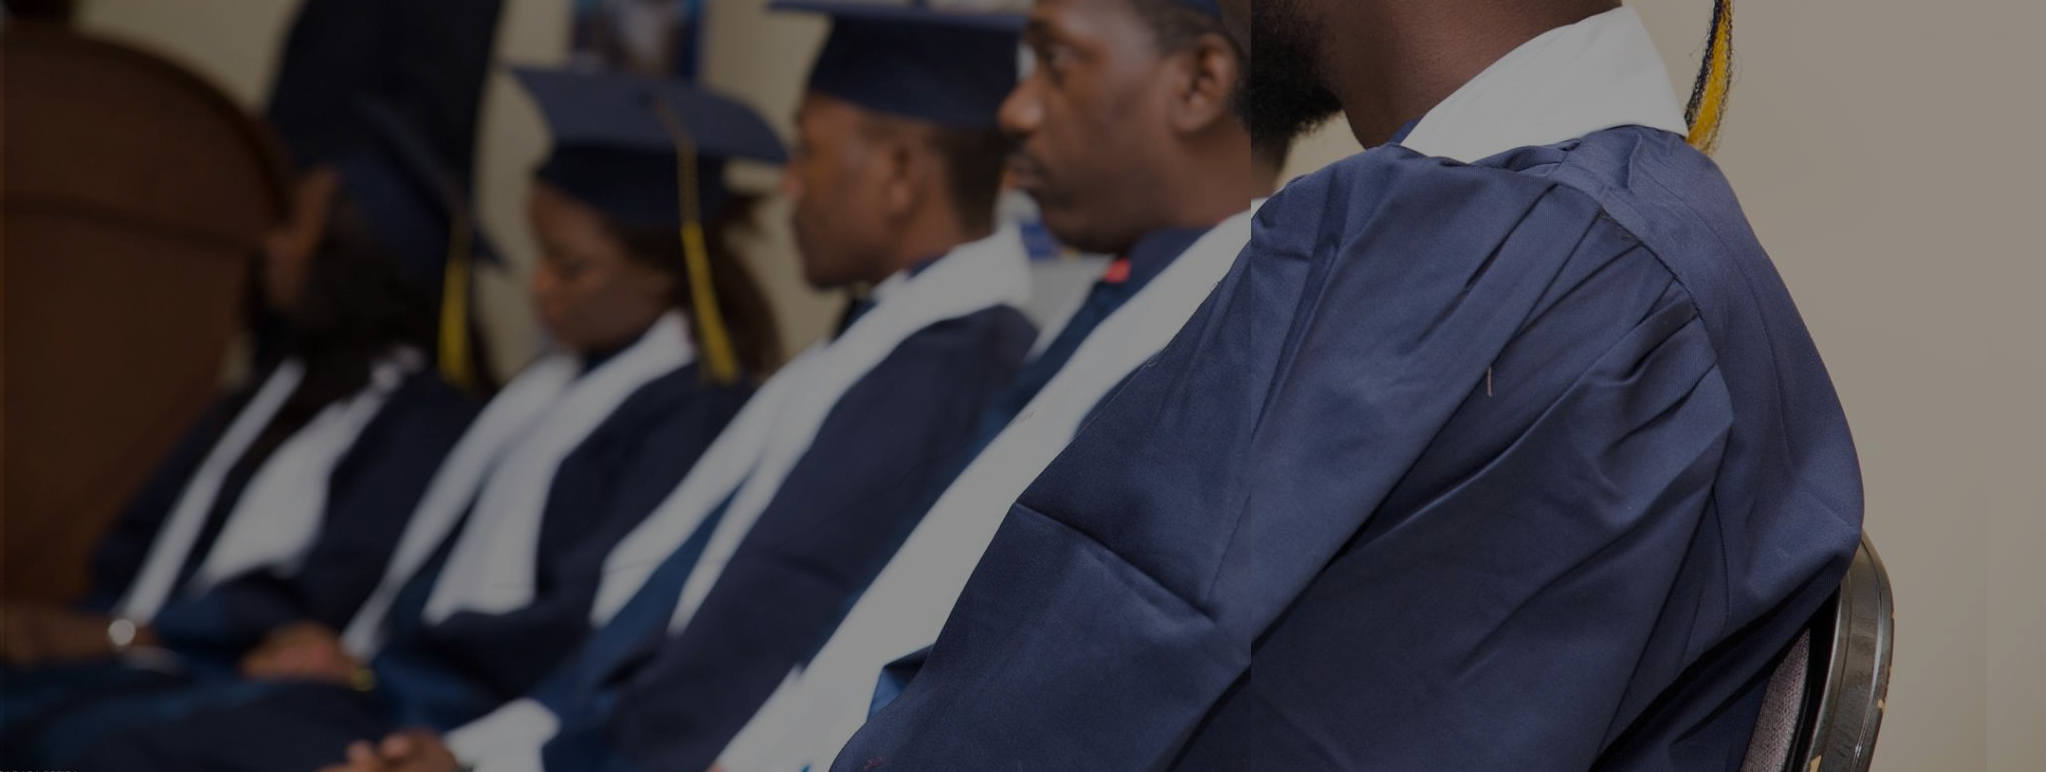 Graduation promotion Nelson Mandela 2019-2020